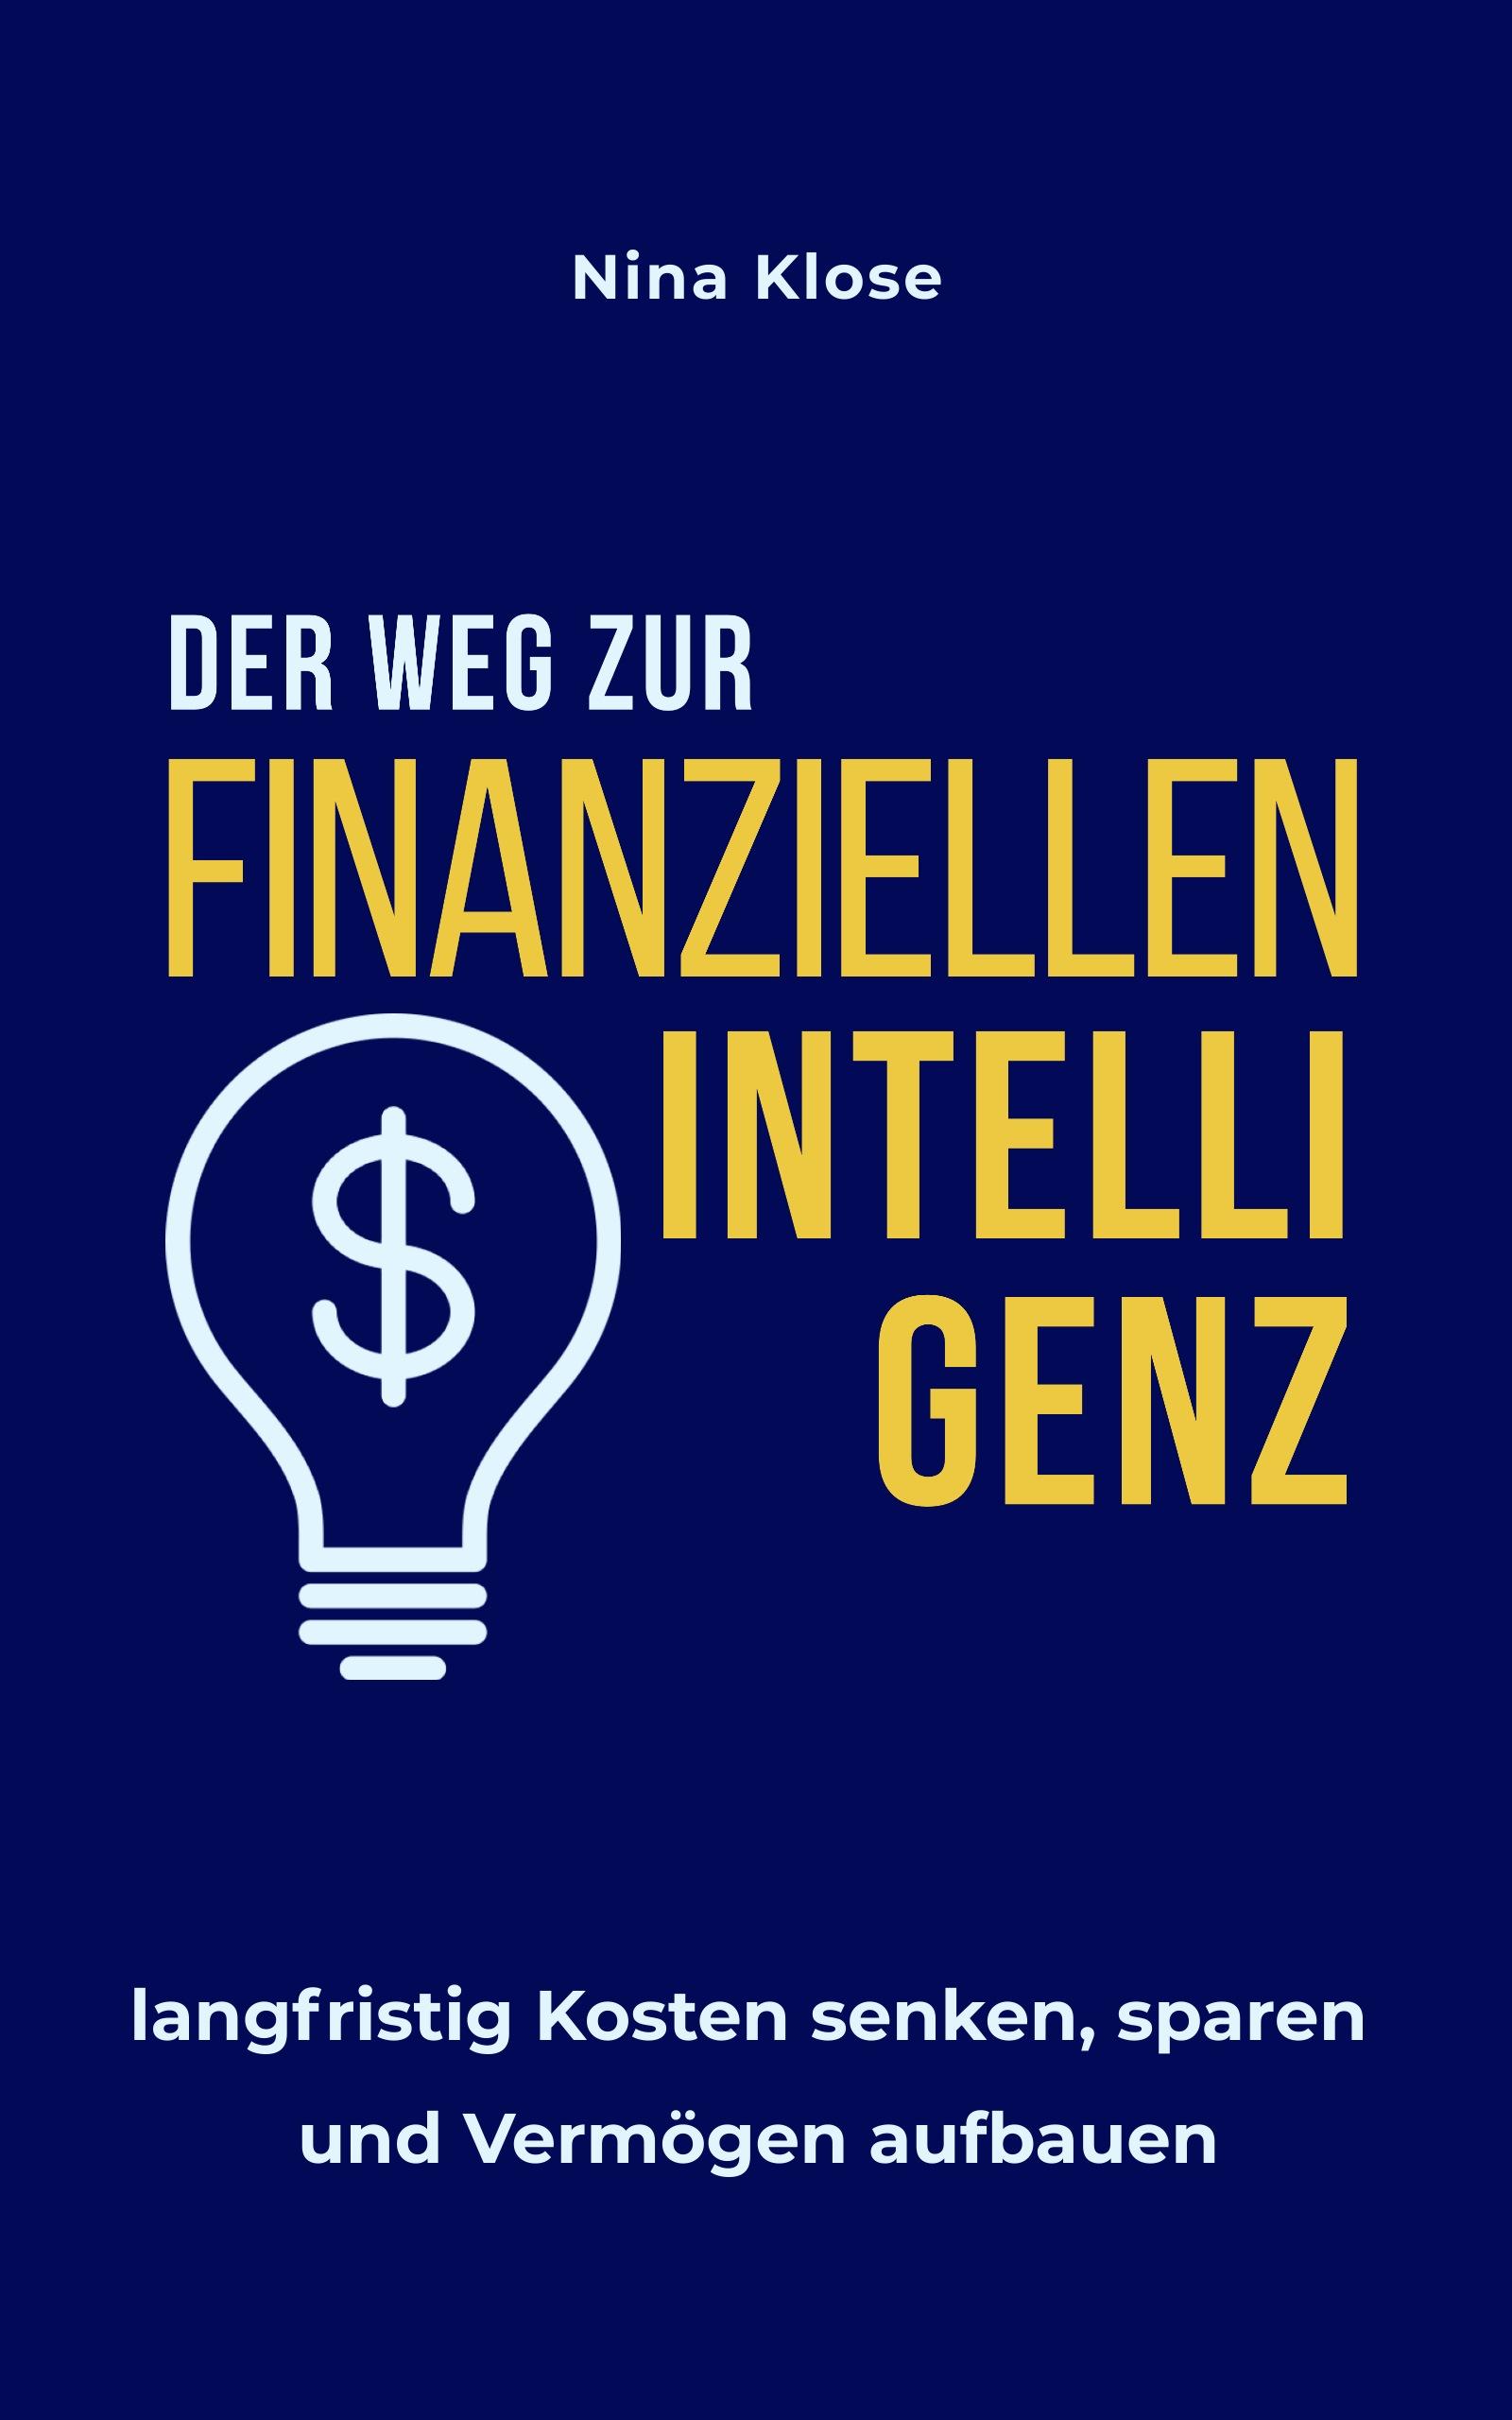 Der Weg zur finanziellen Intelligenz Buch